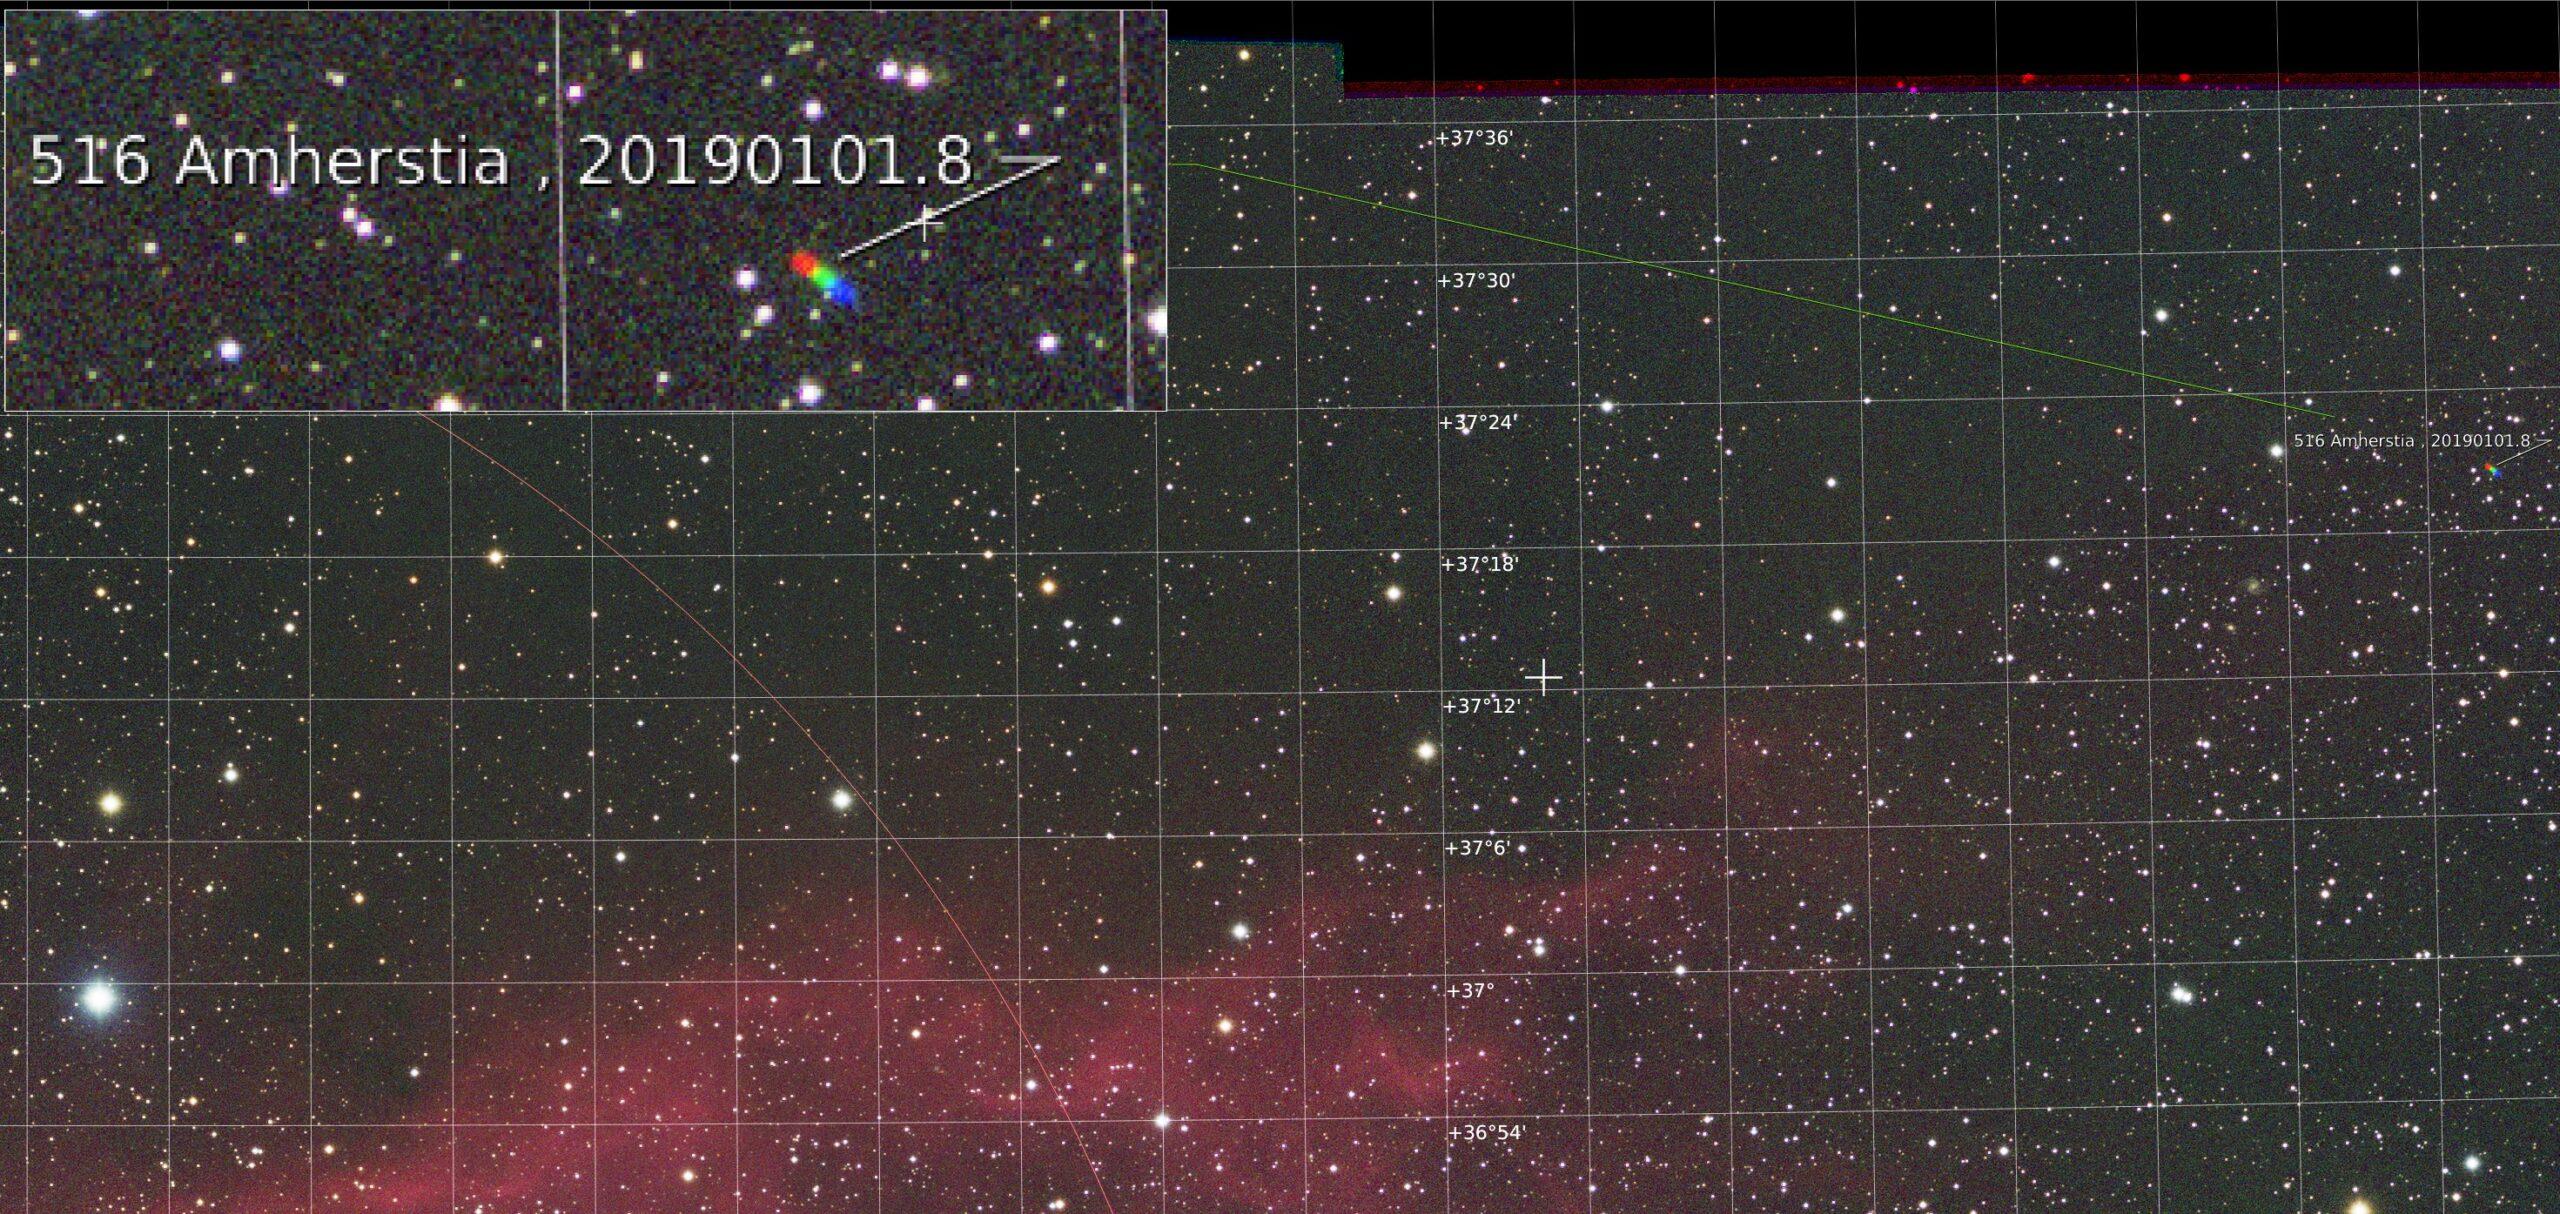 Bij het maken/kontroleren van een RGB mozaiekstack van NGC1499 viel een rood-groen-blauw streepje